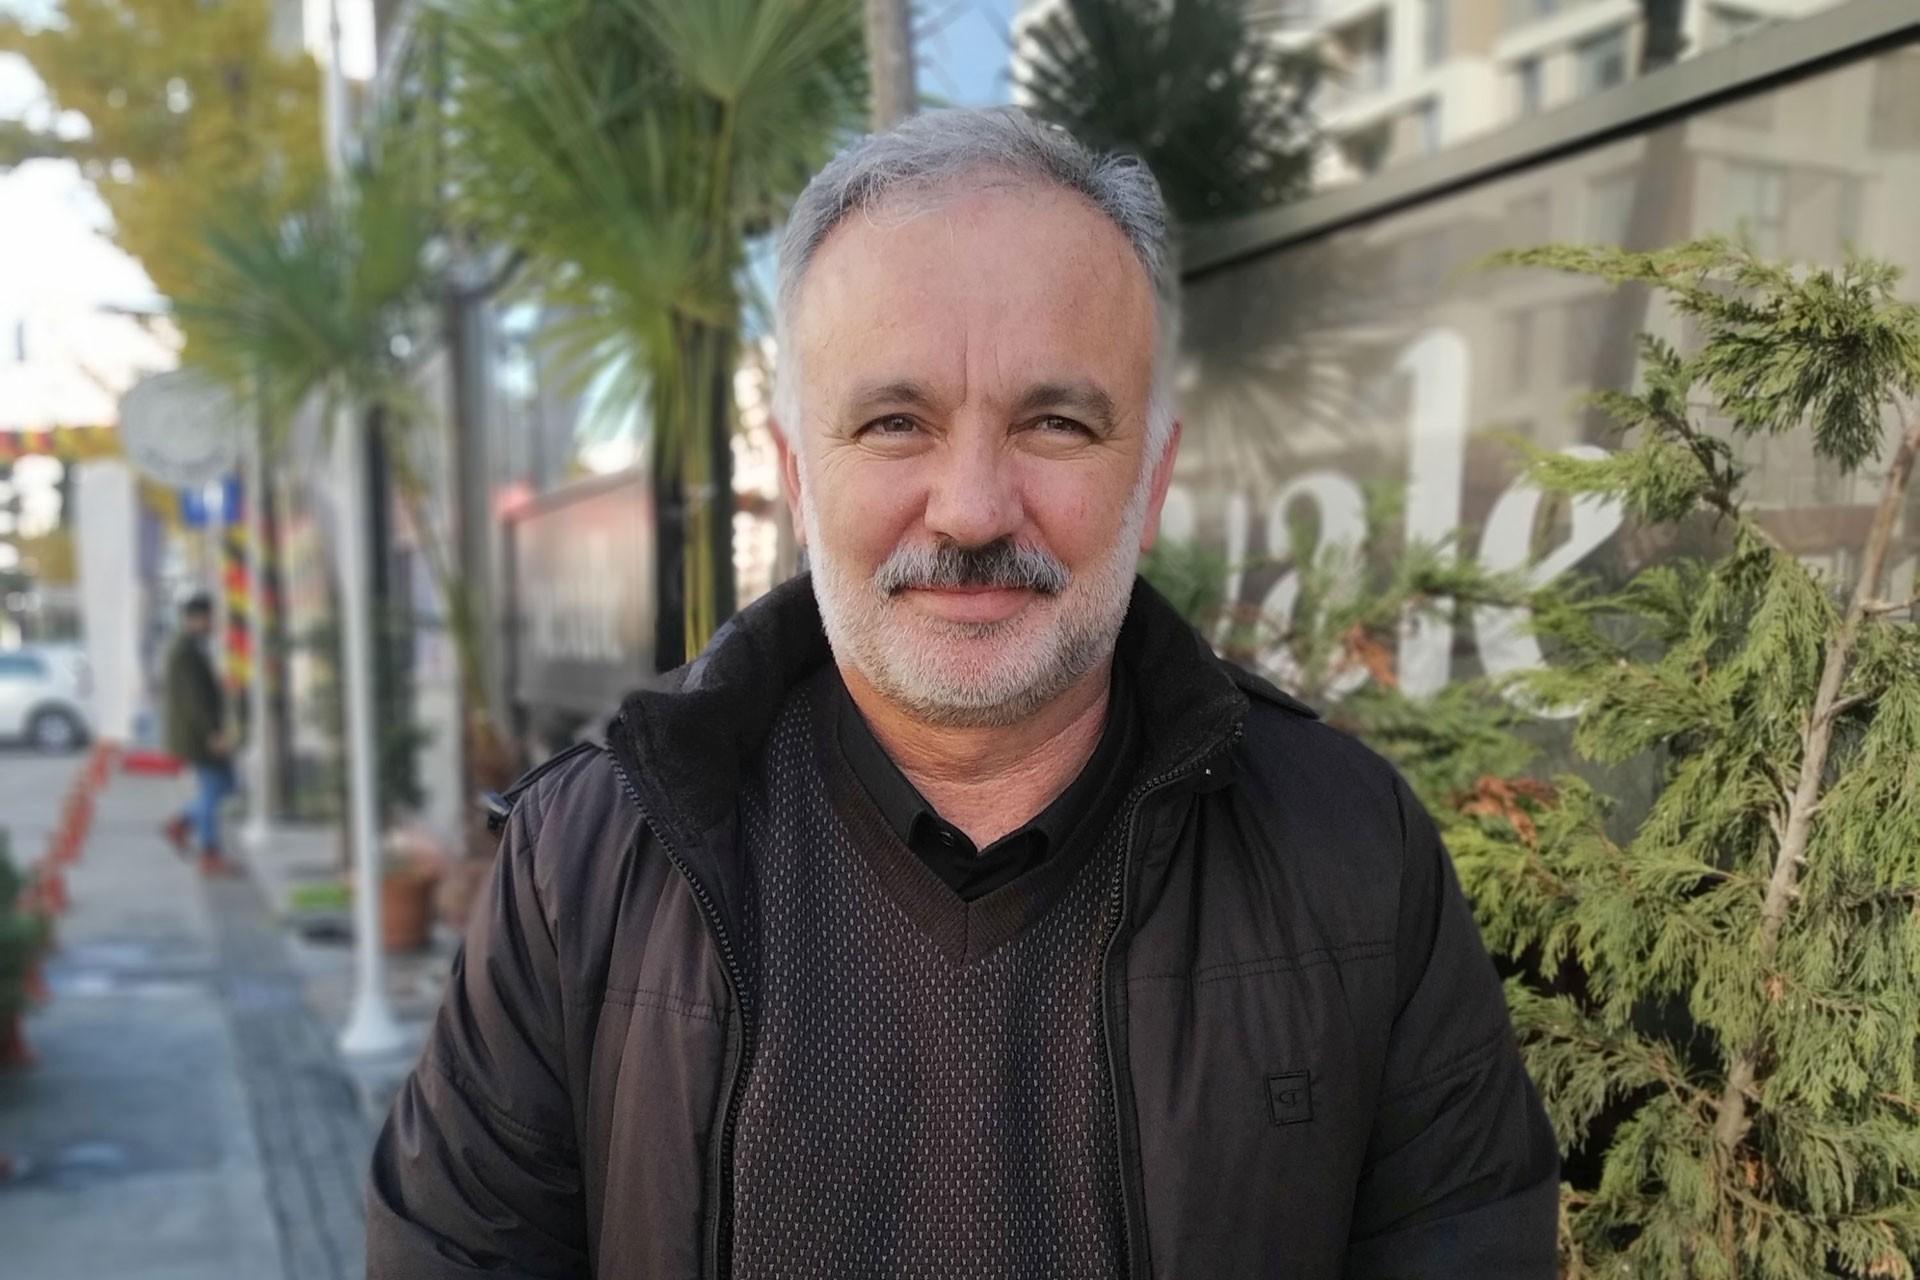 Kars Belediye Eş Başkanı Ayhan Bilgen